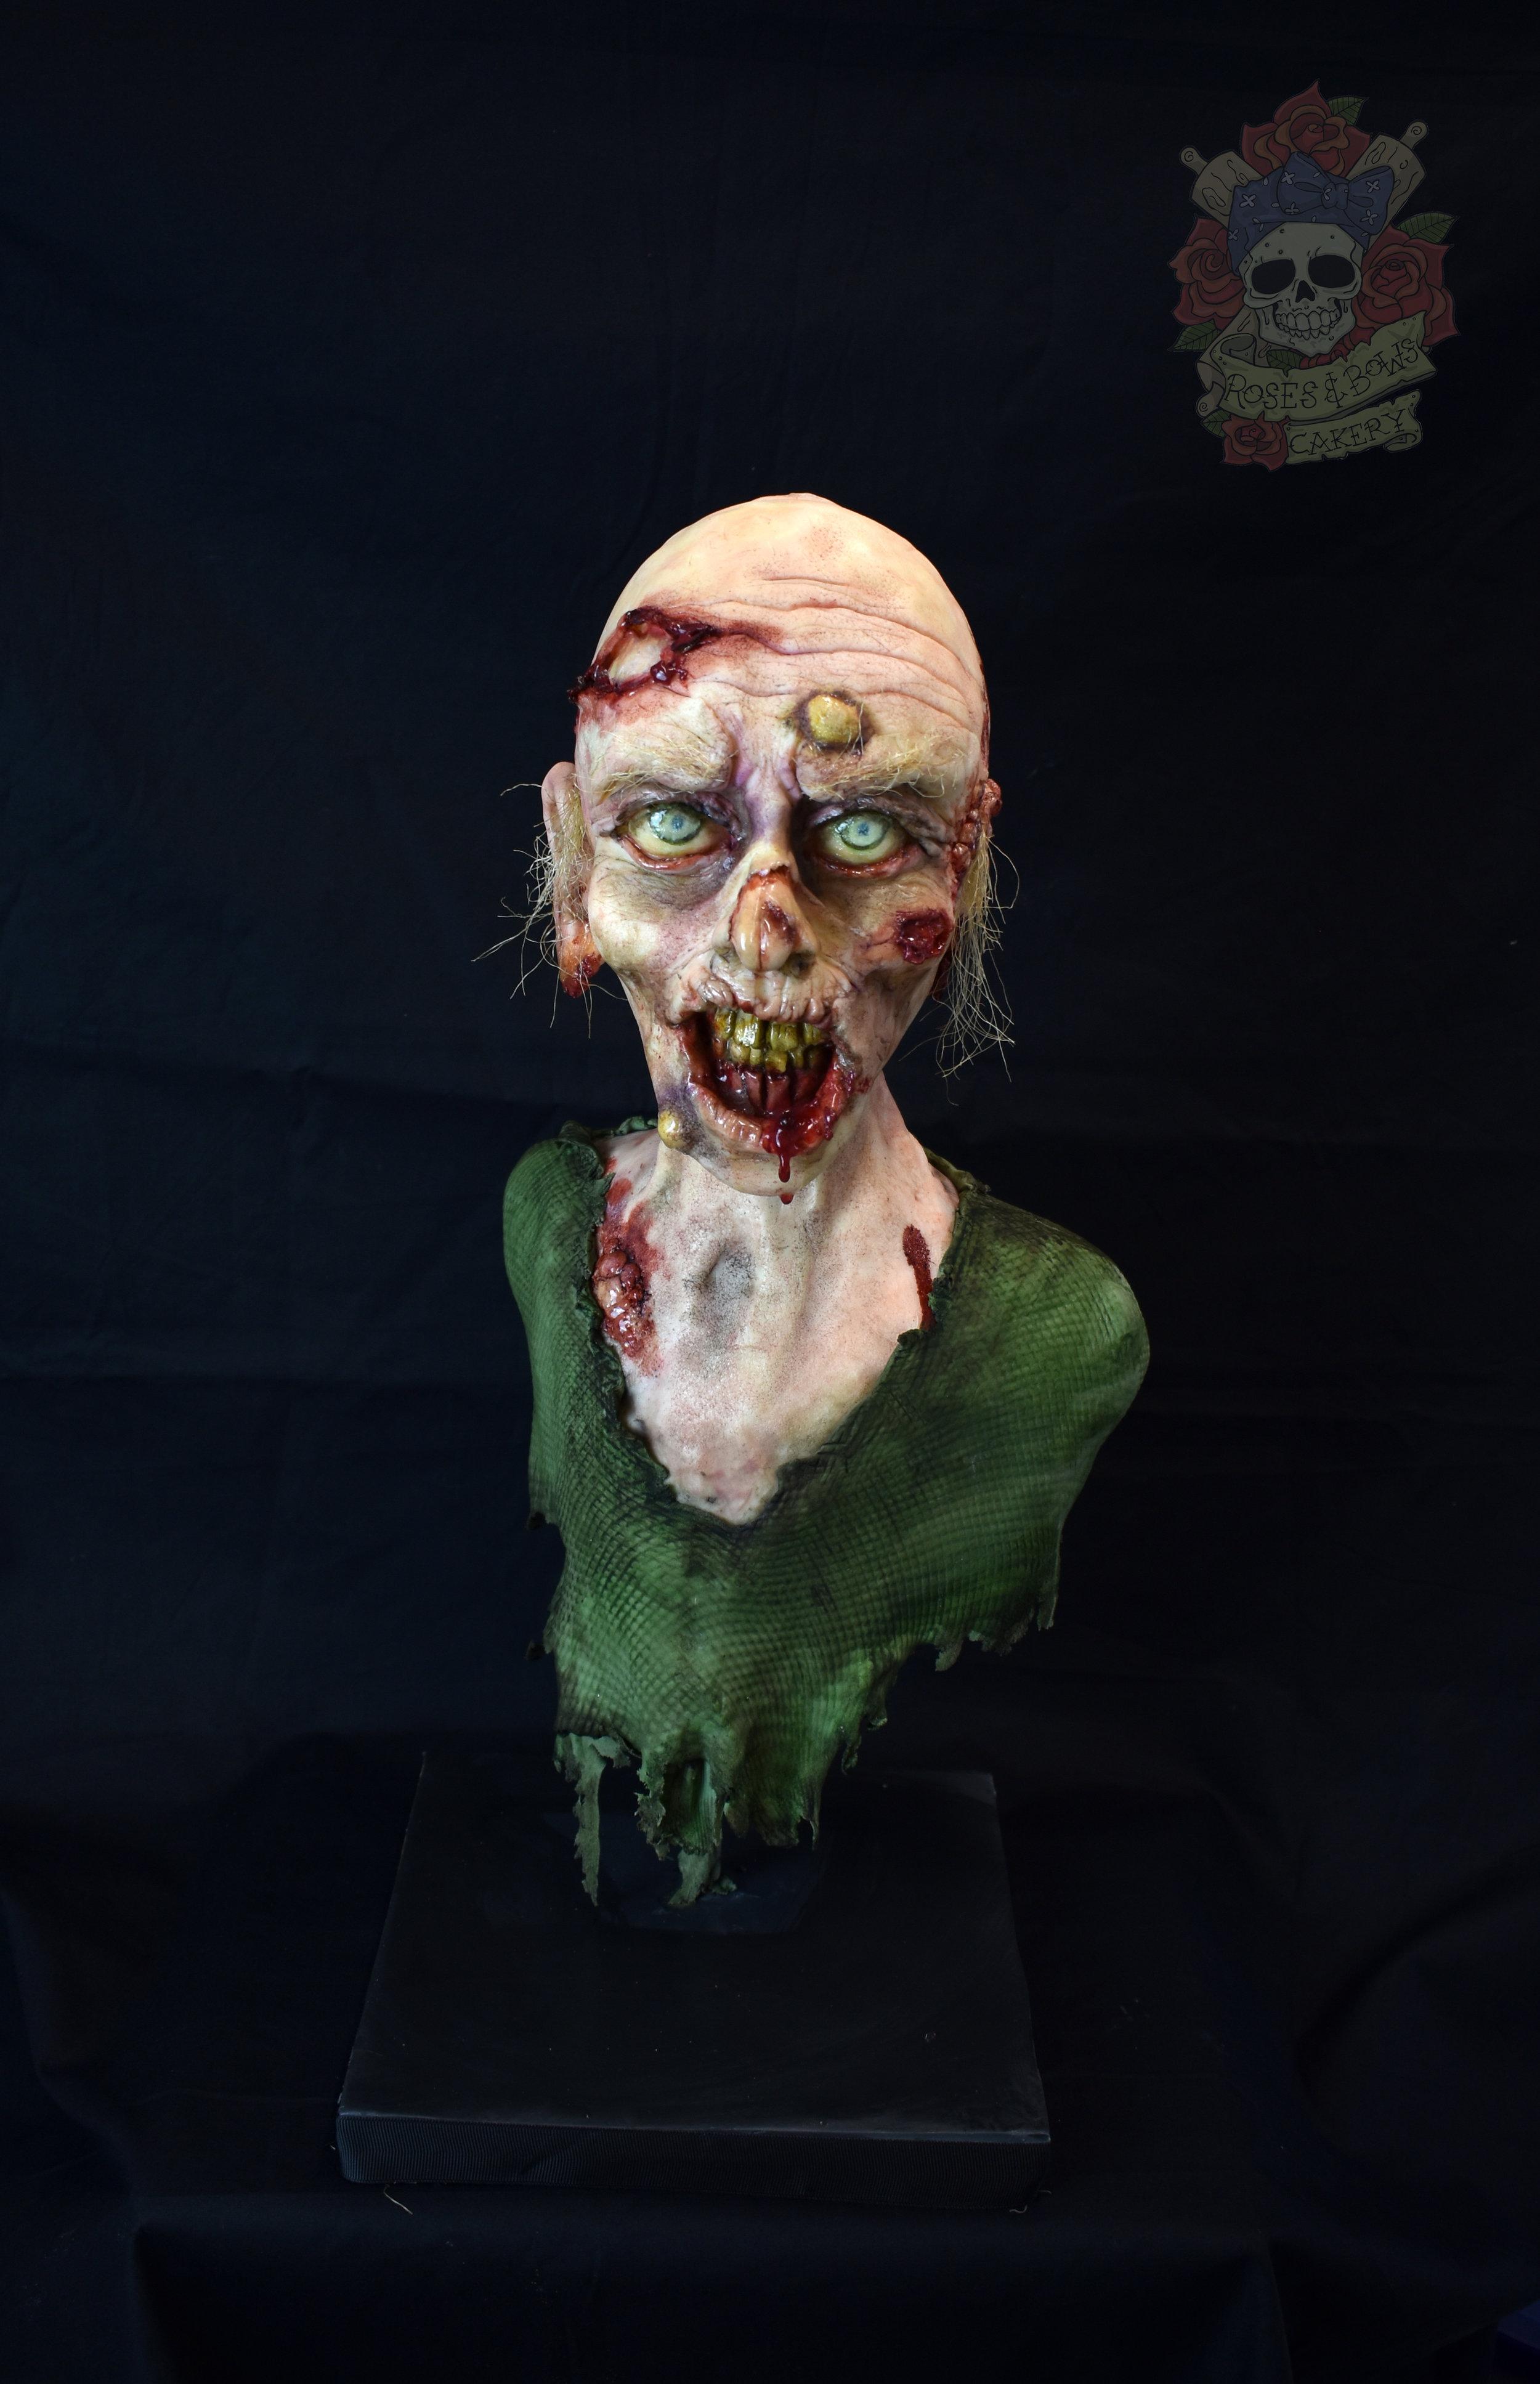 Zombie wm.jpg